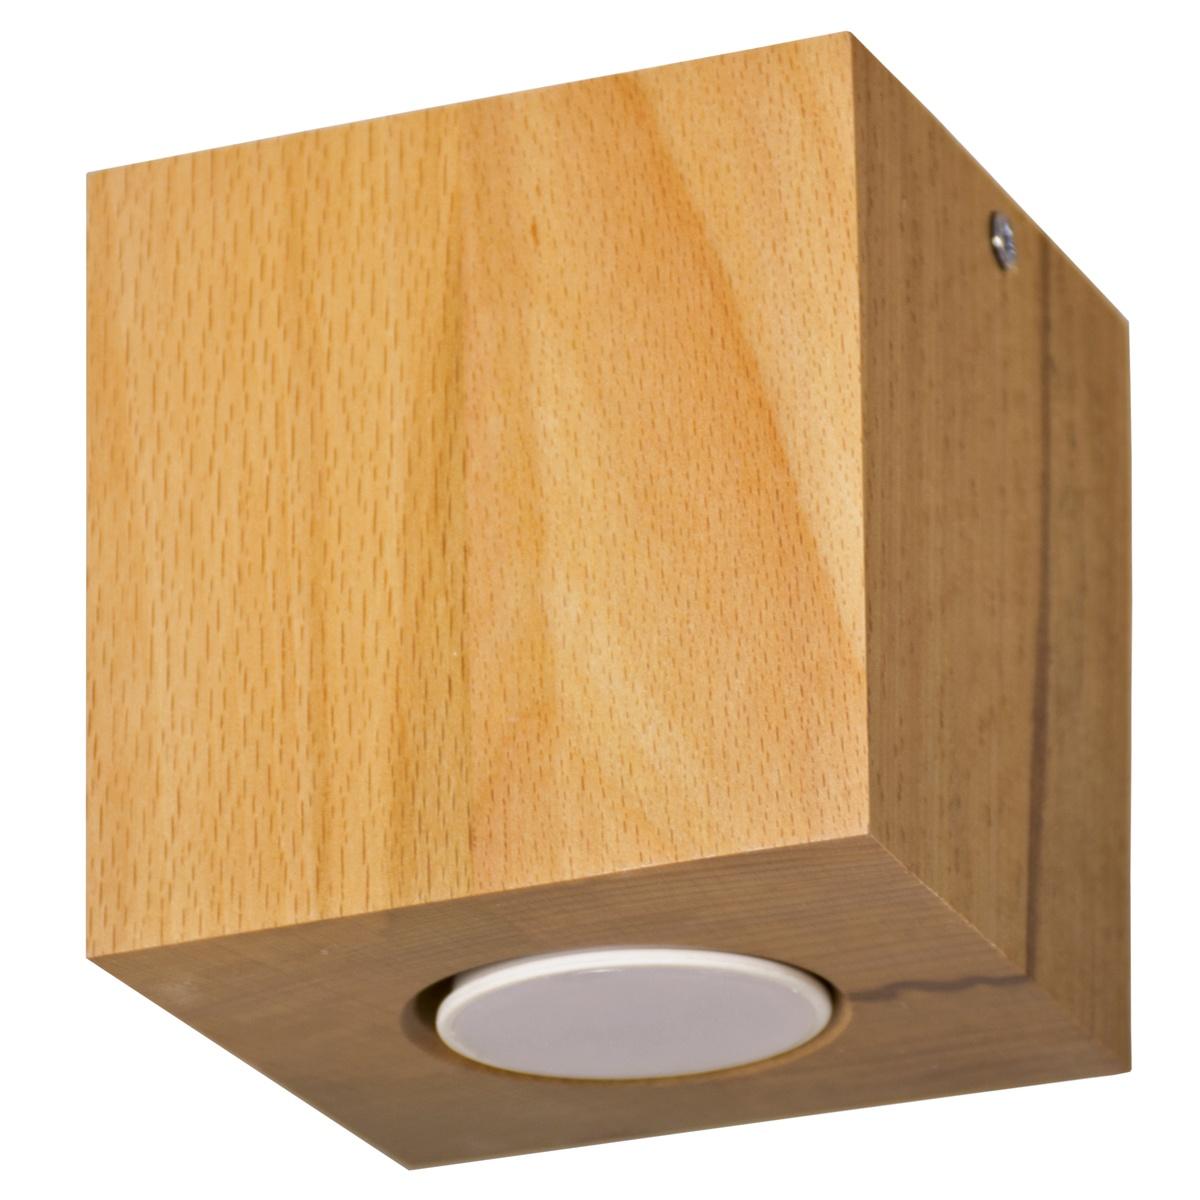 Потолочный светильник Дубравия Светильник потолочный Кватро 1хGU10х40Вт, натуральный, 225-70-61 накладной светильник дубравия кватро 225 70 61